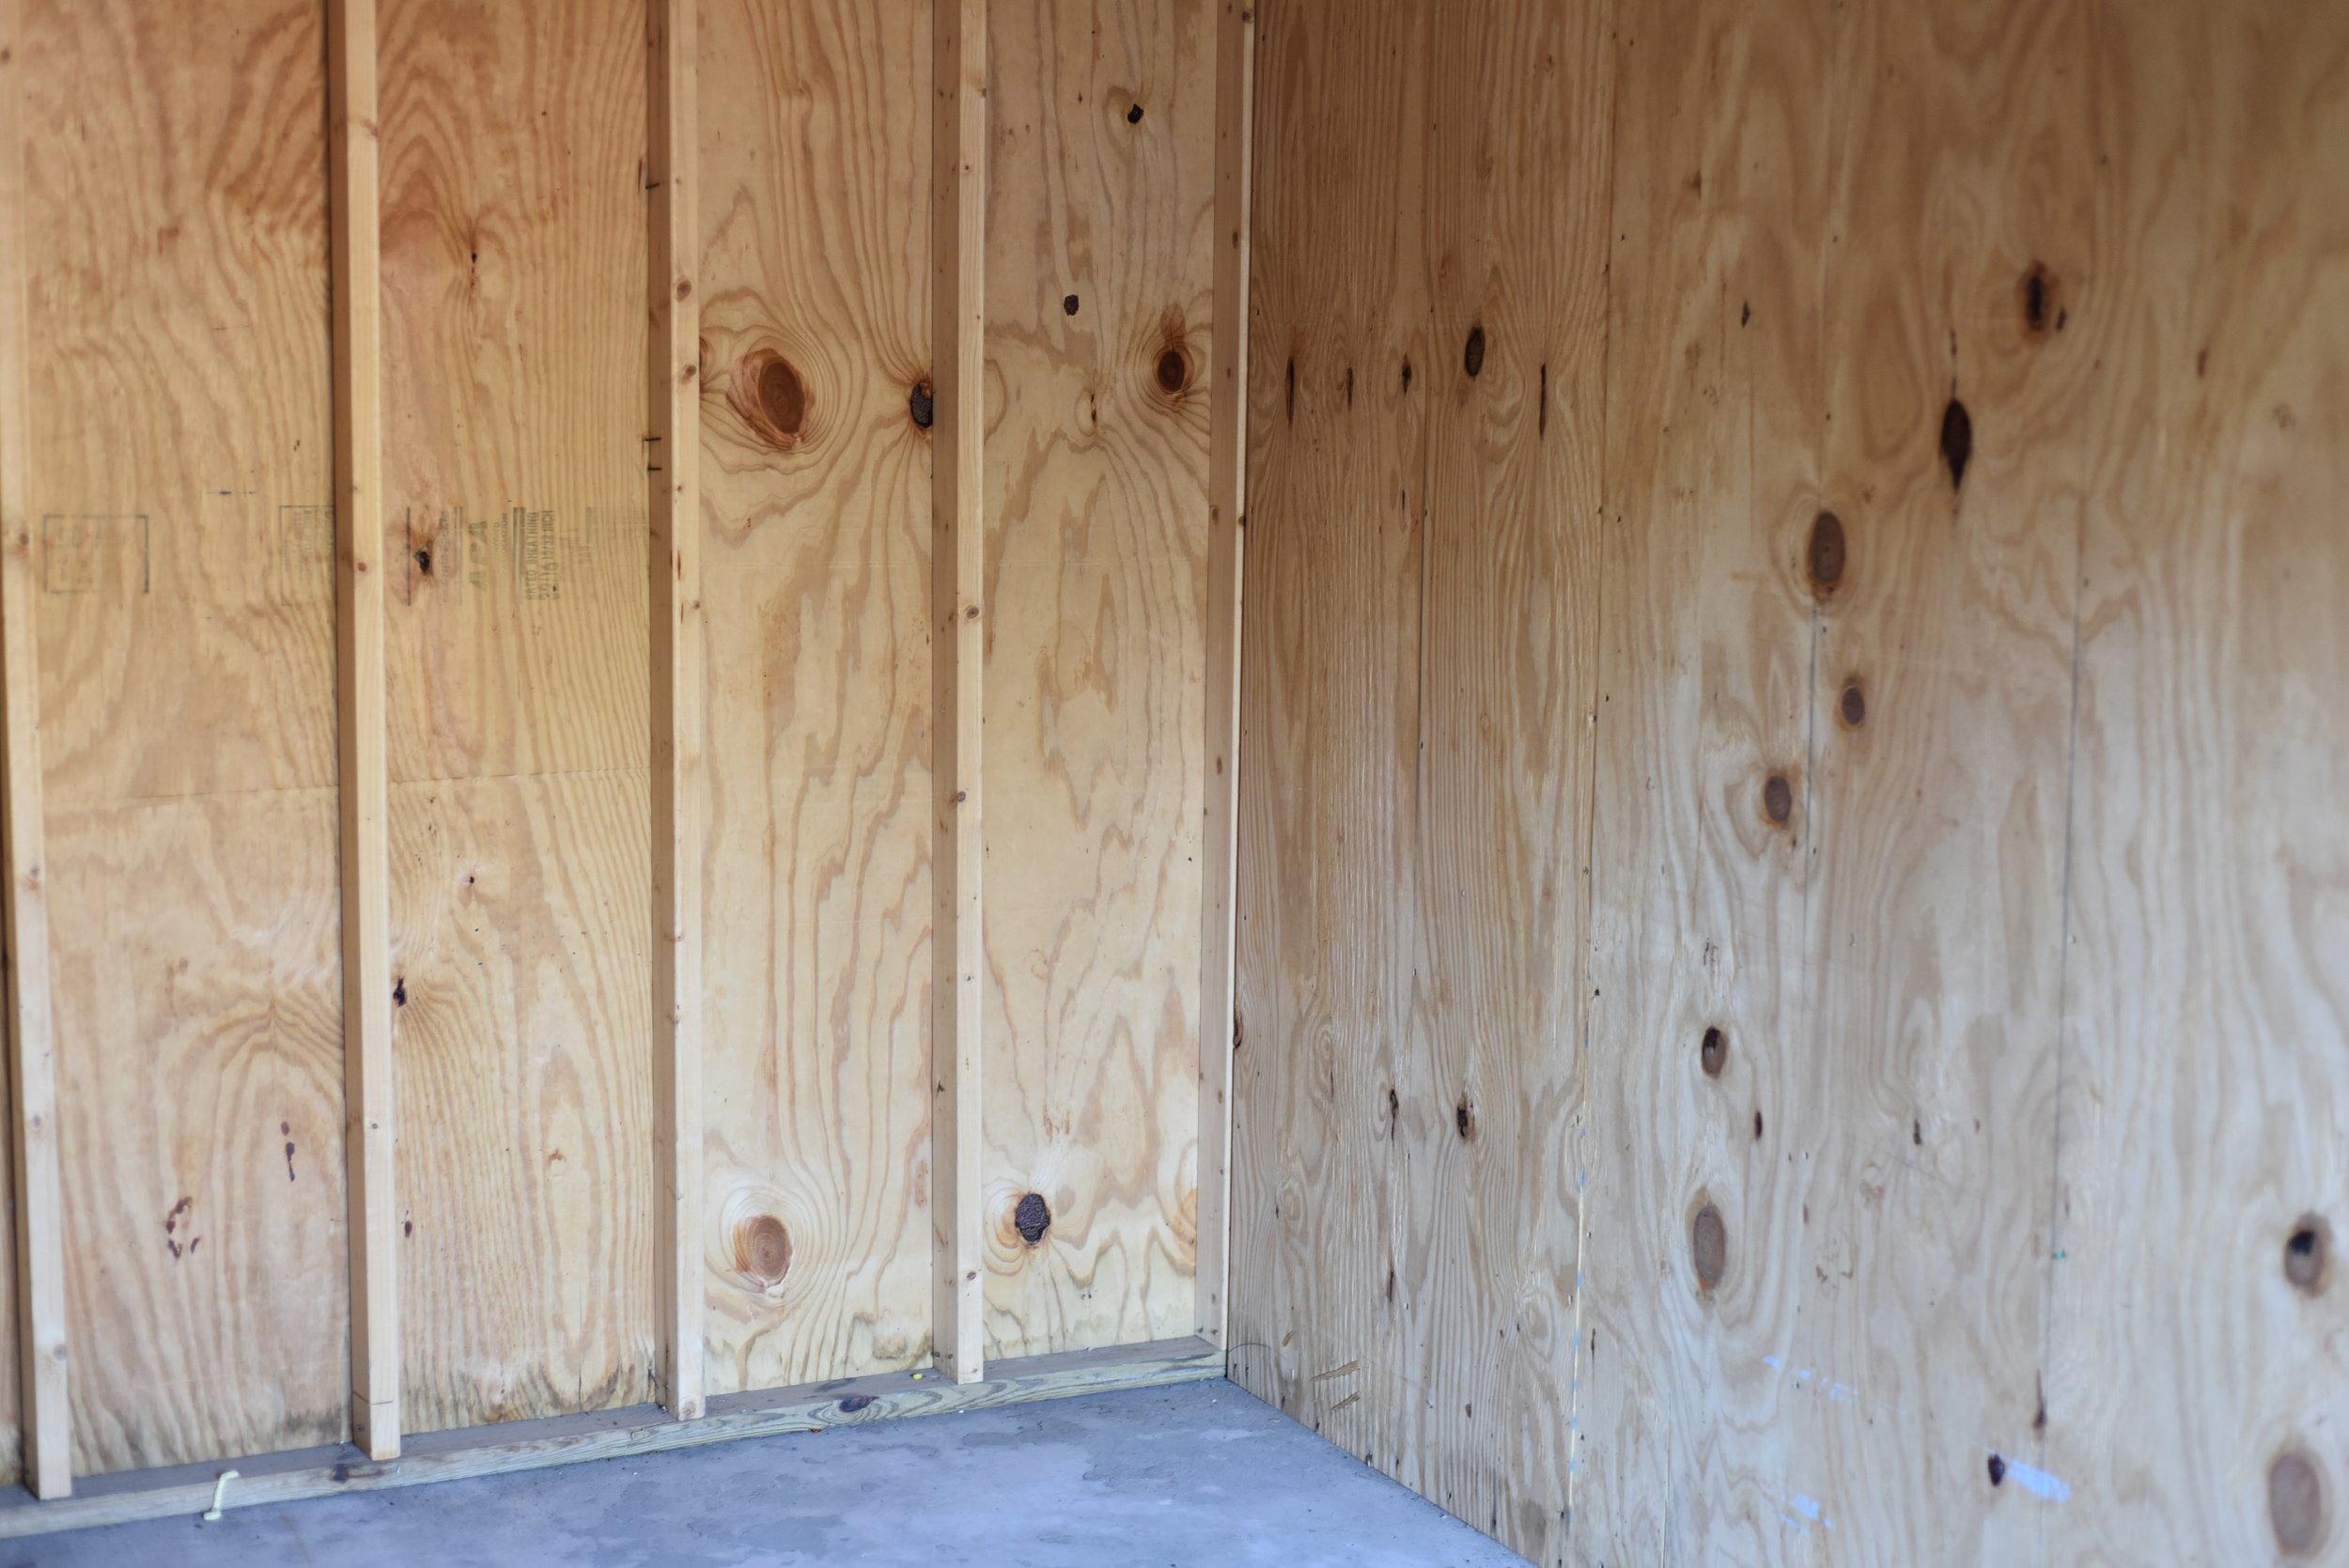 interior of storage unit